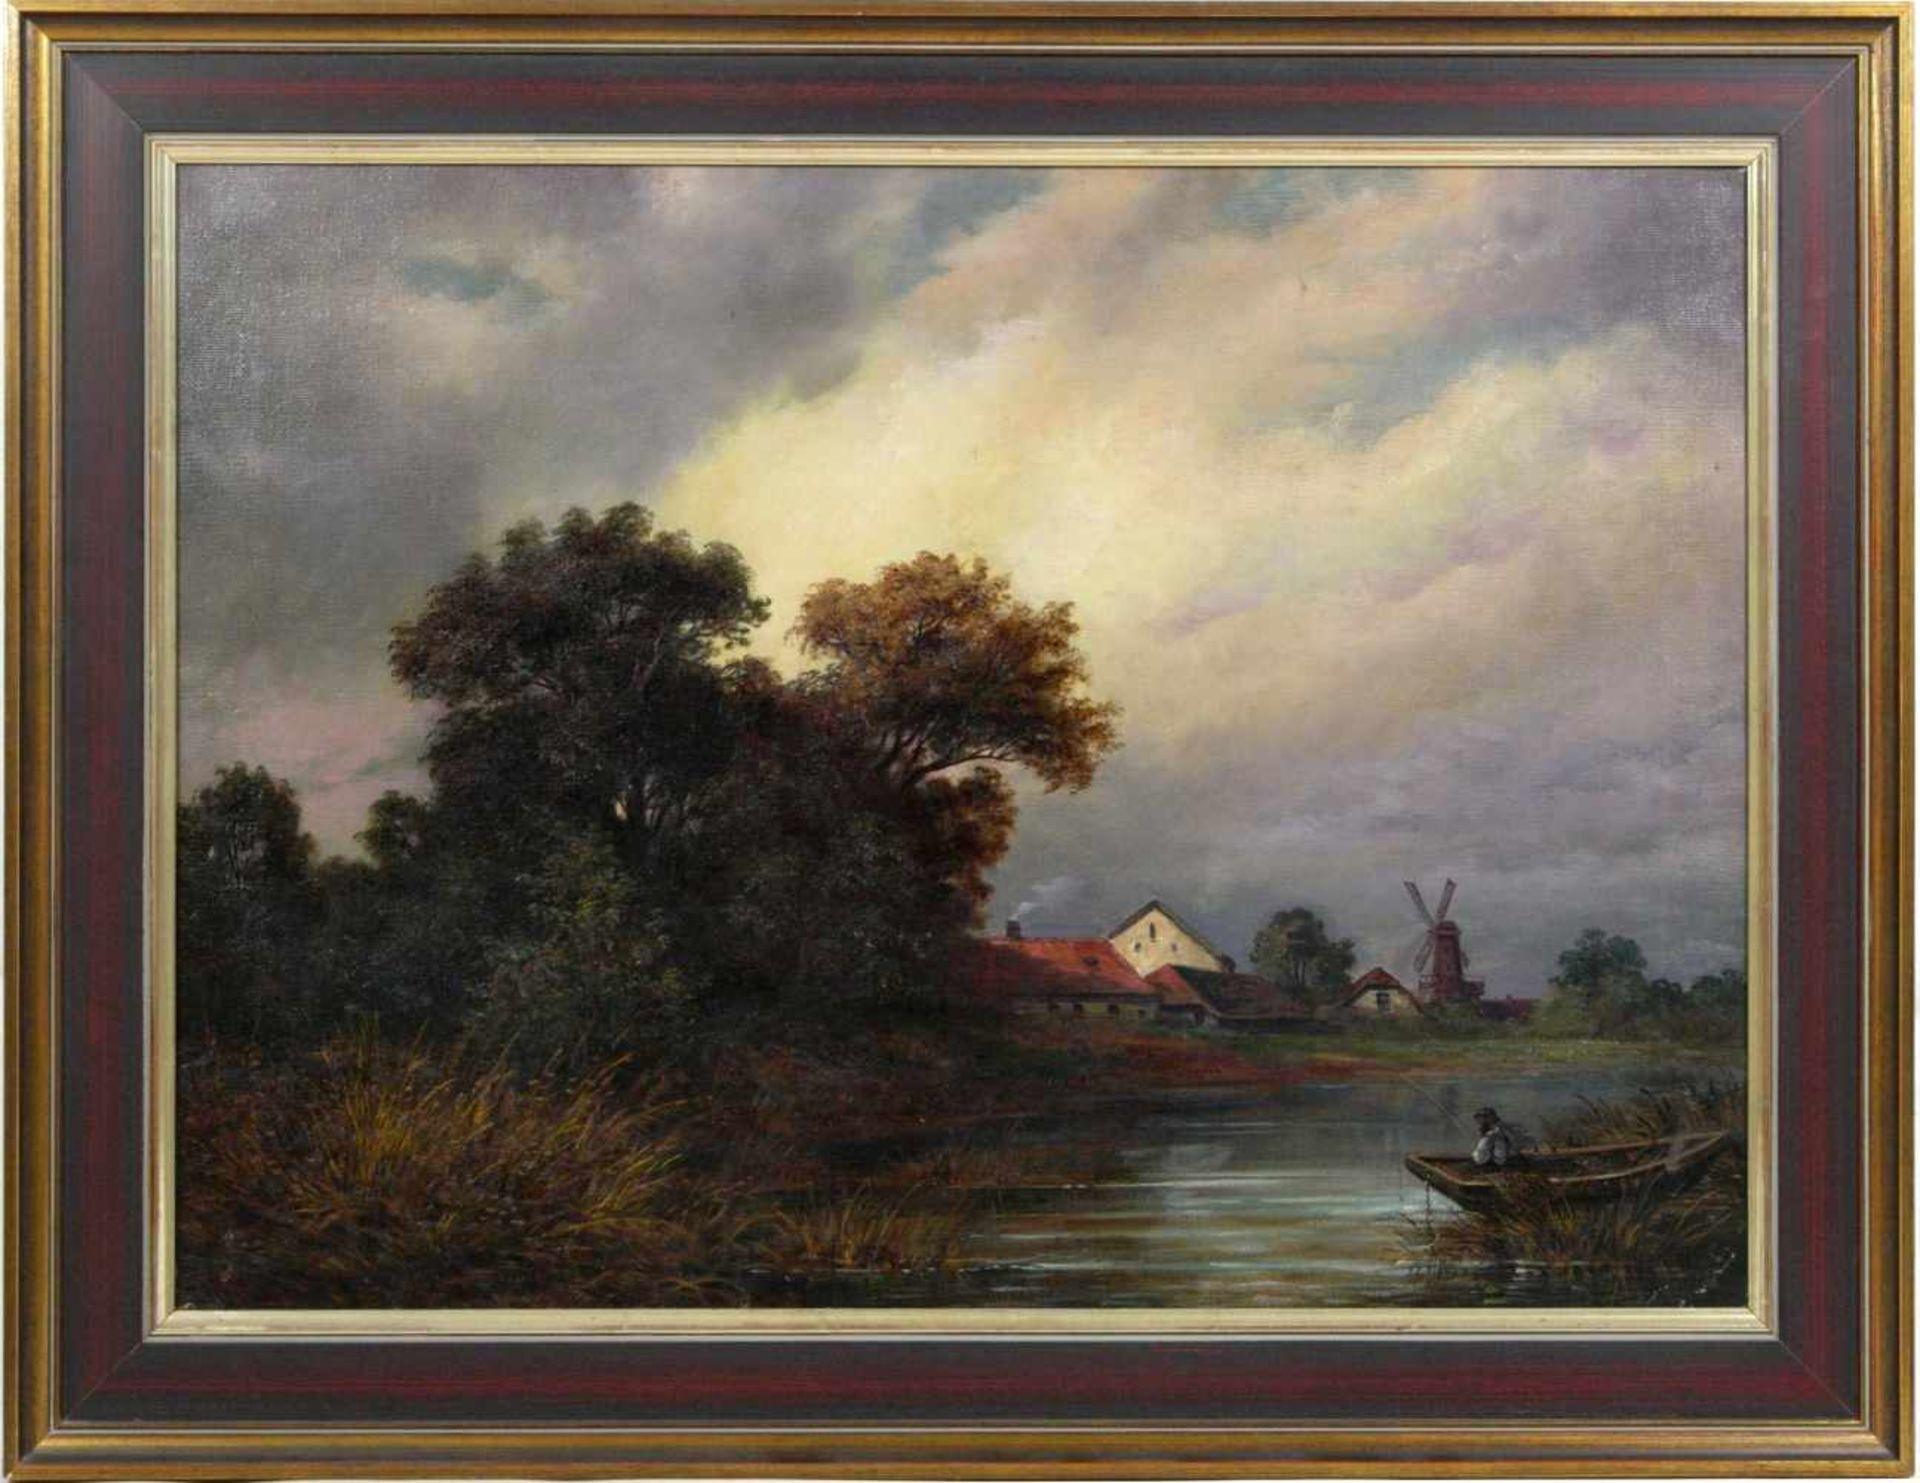 Perlberg, Friedrich (1848-1921) - Fischer in FlußlandschaftEin Fluß mit einem einsamen Fischer in